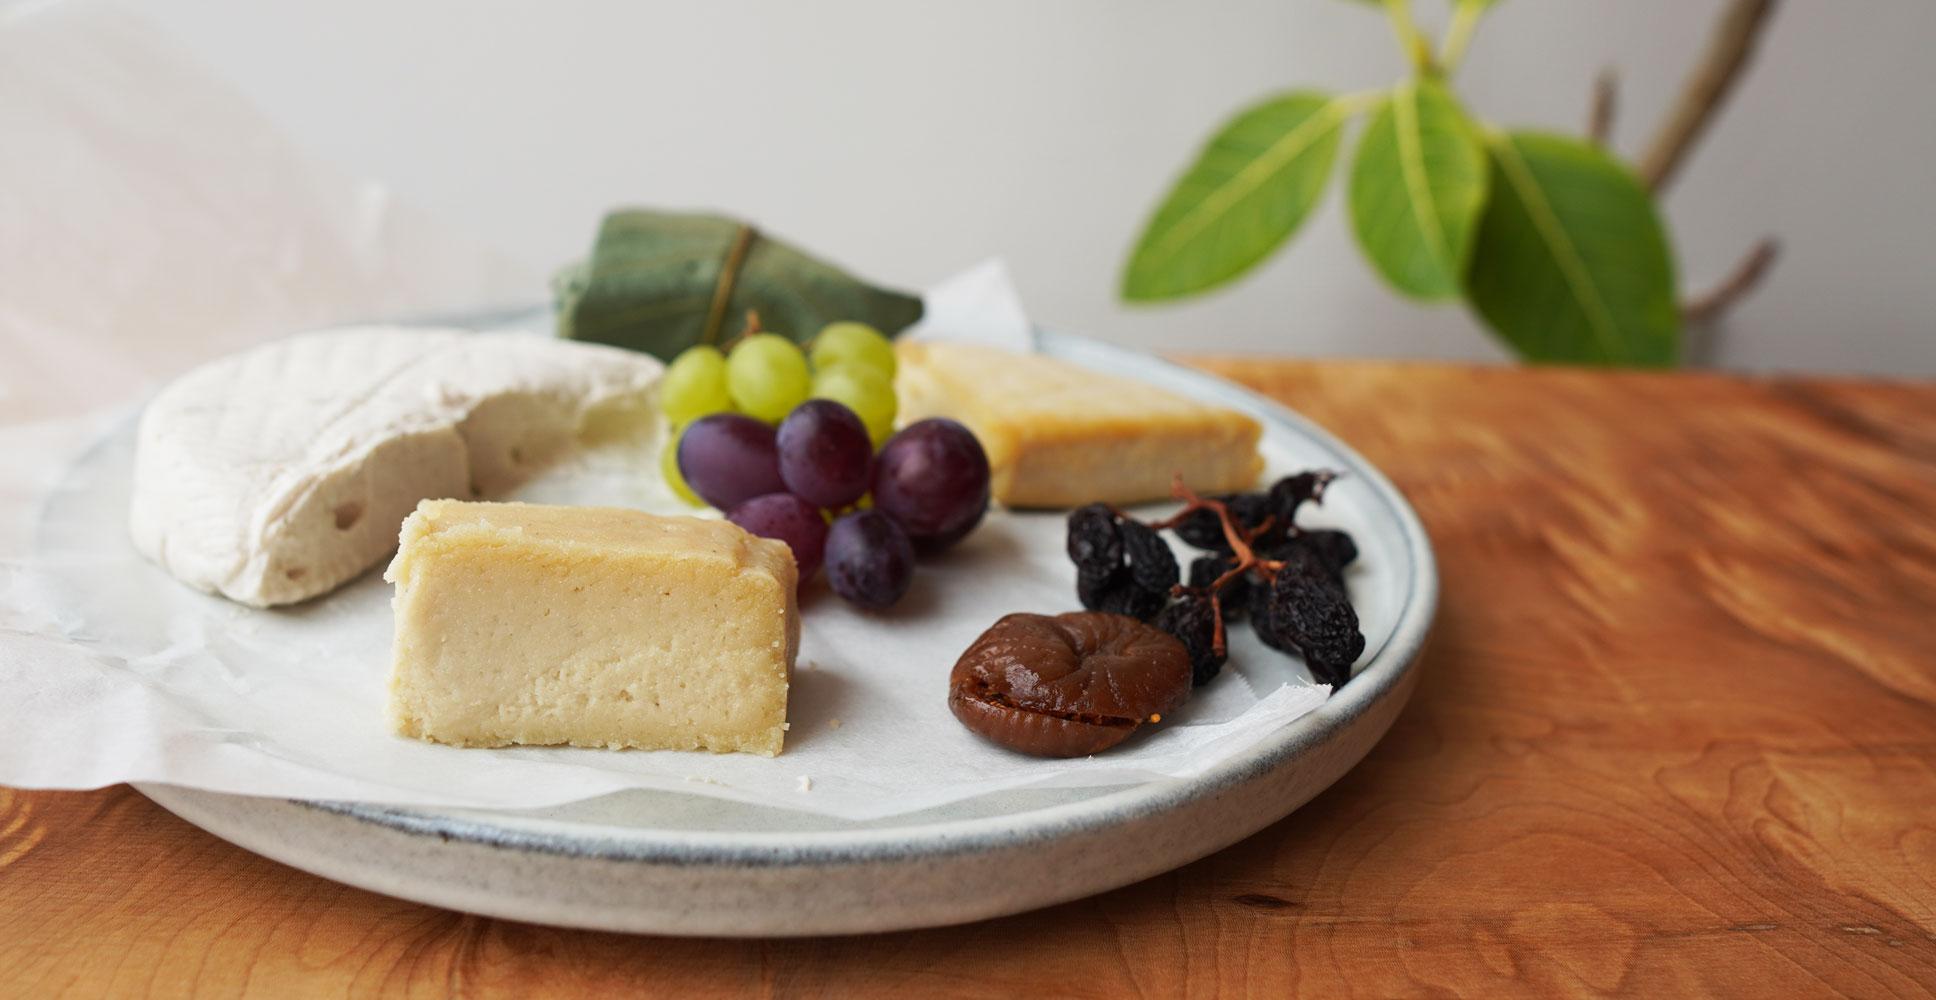 """ヴィーガンYouTubeチャンネル「TOKYO VEG LIFE」が乳製品不使用の""""チーズ""""ブランド を発表。2021年5月29(..."""